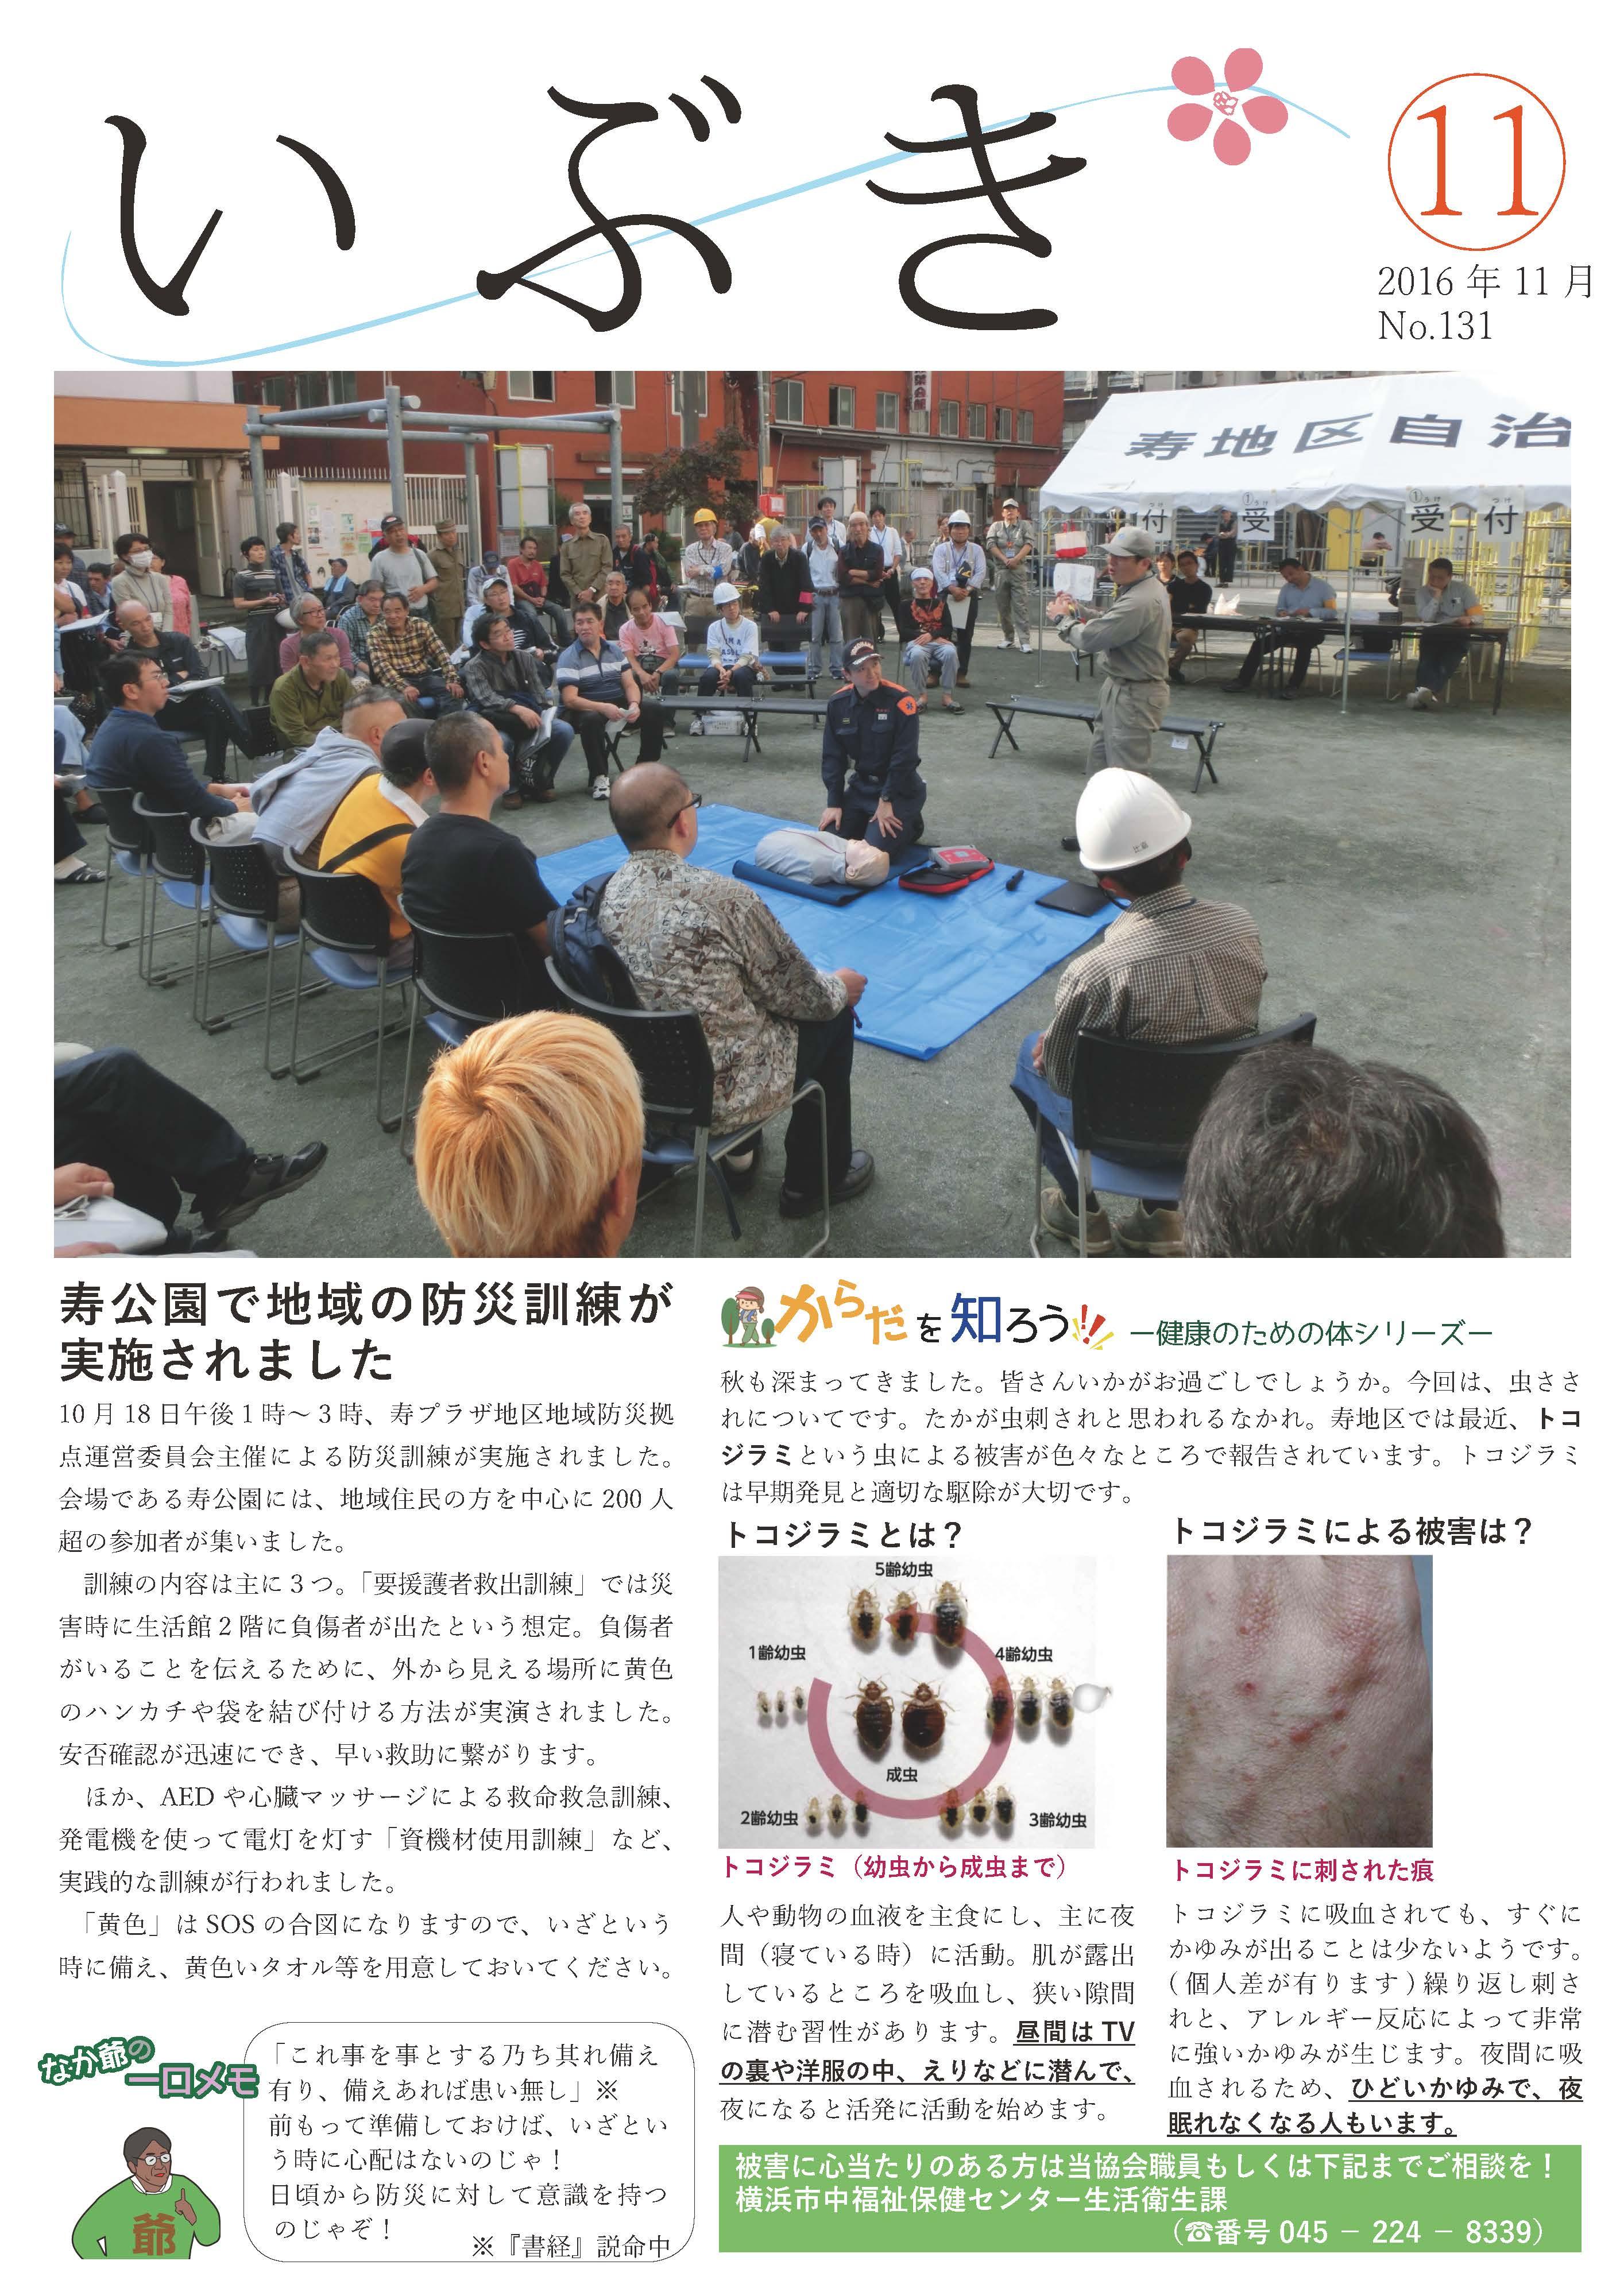 広報誌いぶき2016.11月号(No.131)